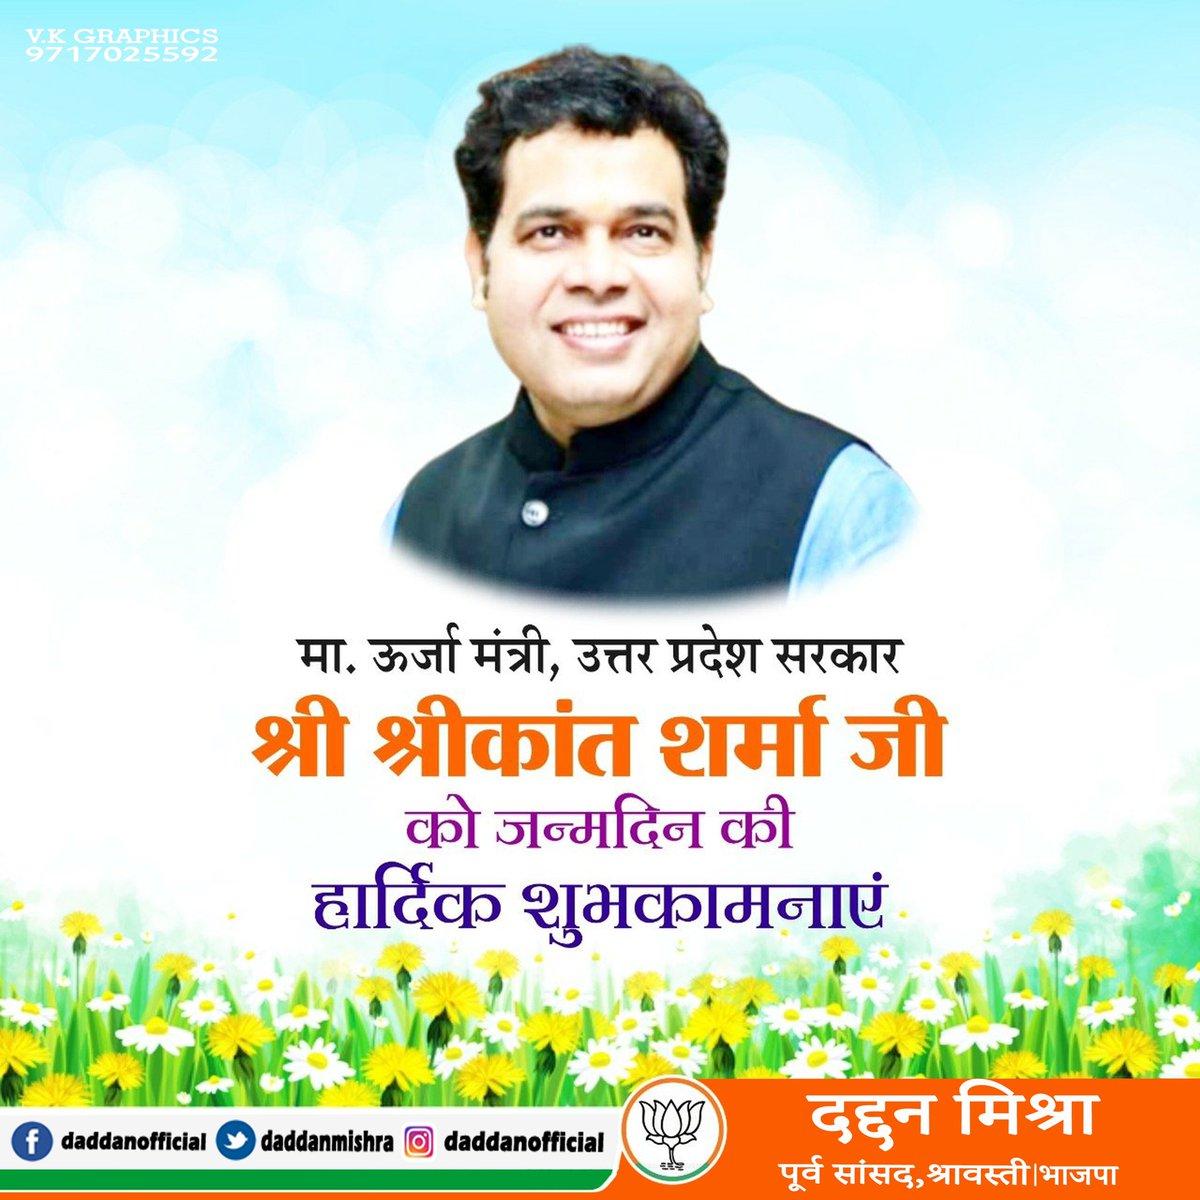 माननीय कैबिनेट मंत्री, उत्तर प्रदेश सरकार, श्री श्रीकांत शर्मा जी, आपको जन्मदिन की अनंत शुभकामनाएं। ईश्वर से प्रार्थना है कि आप दीर्घायु हों और सदैव स्वस्थ एवं प्रसन्न रहें। @ptshrikant https://t.co/OsquPBtZNa